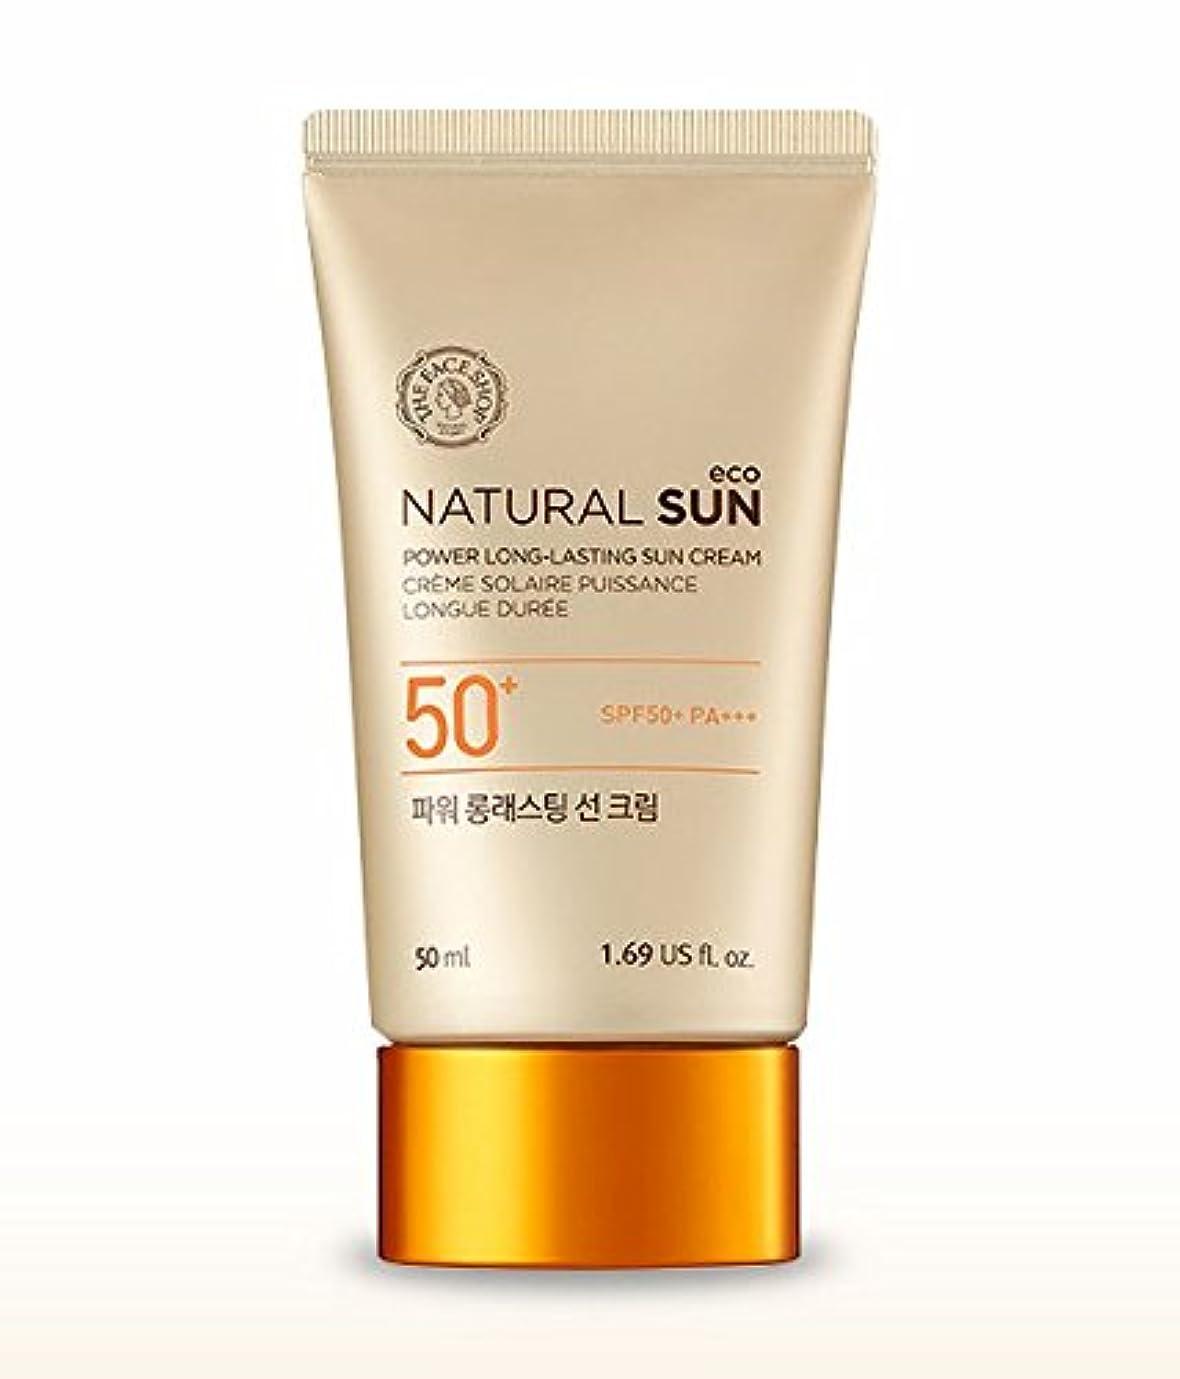 無臭サイトライン技術THE FACE SHOP Natural Sun Eco Power Long Lasting Sun Cream 50mlザフェイスショップ ナチュラルサンパワーロングラスティングサンクリーム [並行輸入品]